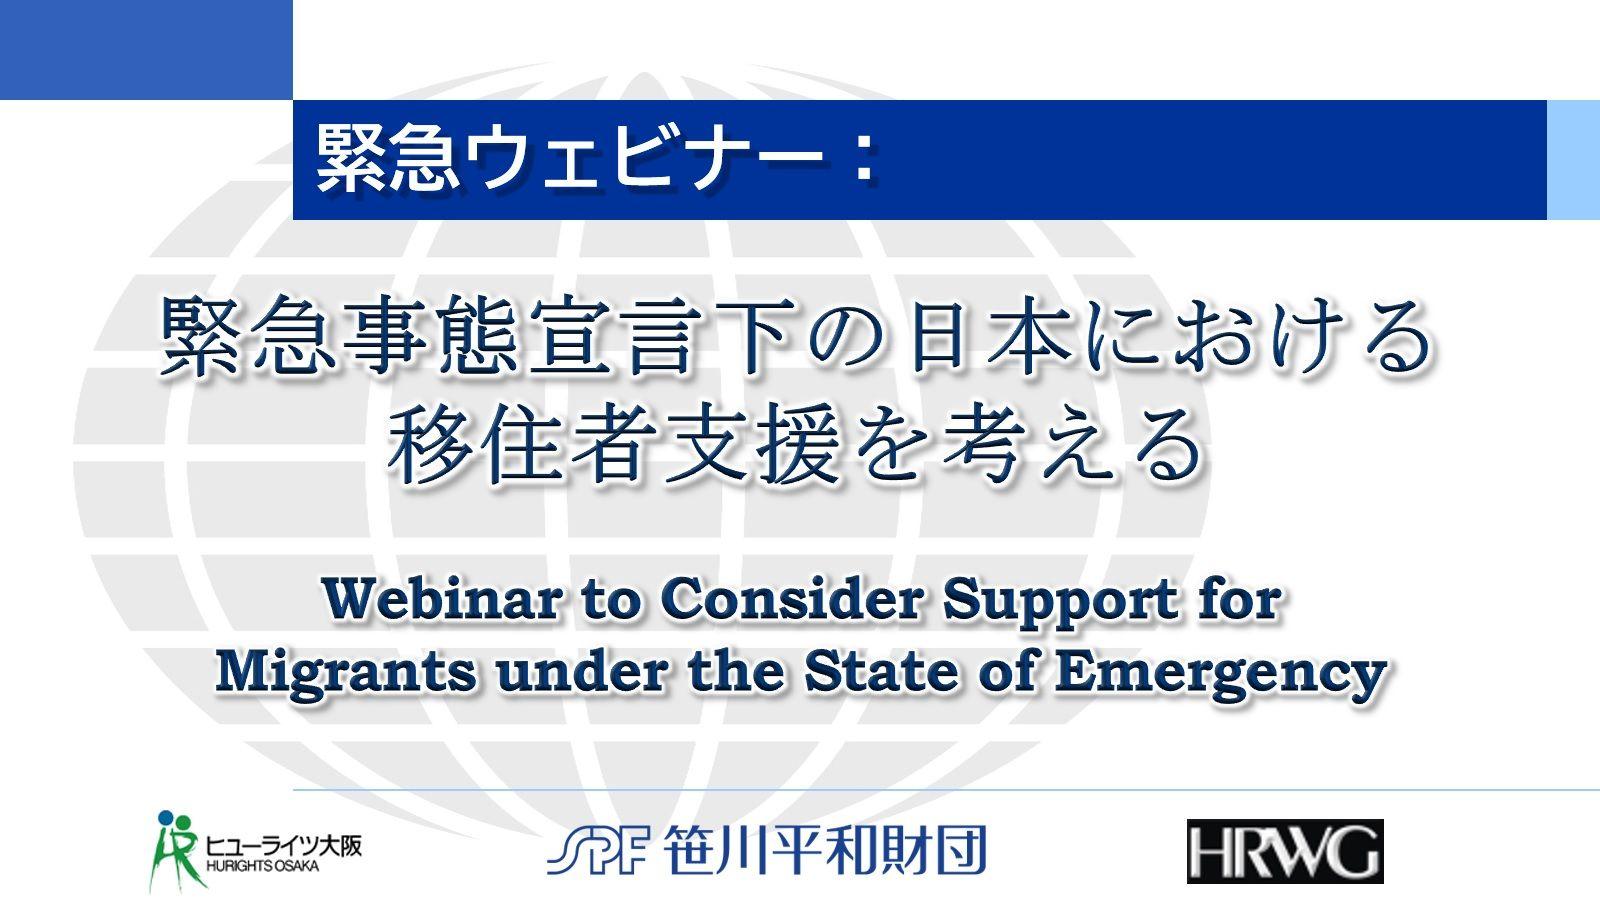 緊急ウェビナー:緊急事態宣言下の日本における移住者支援を考える